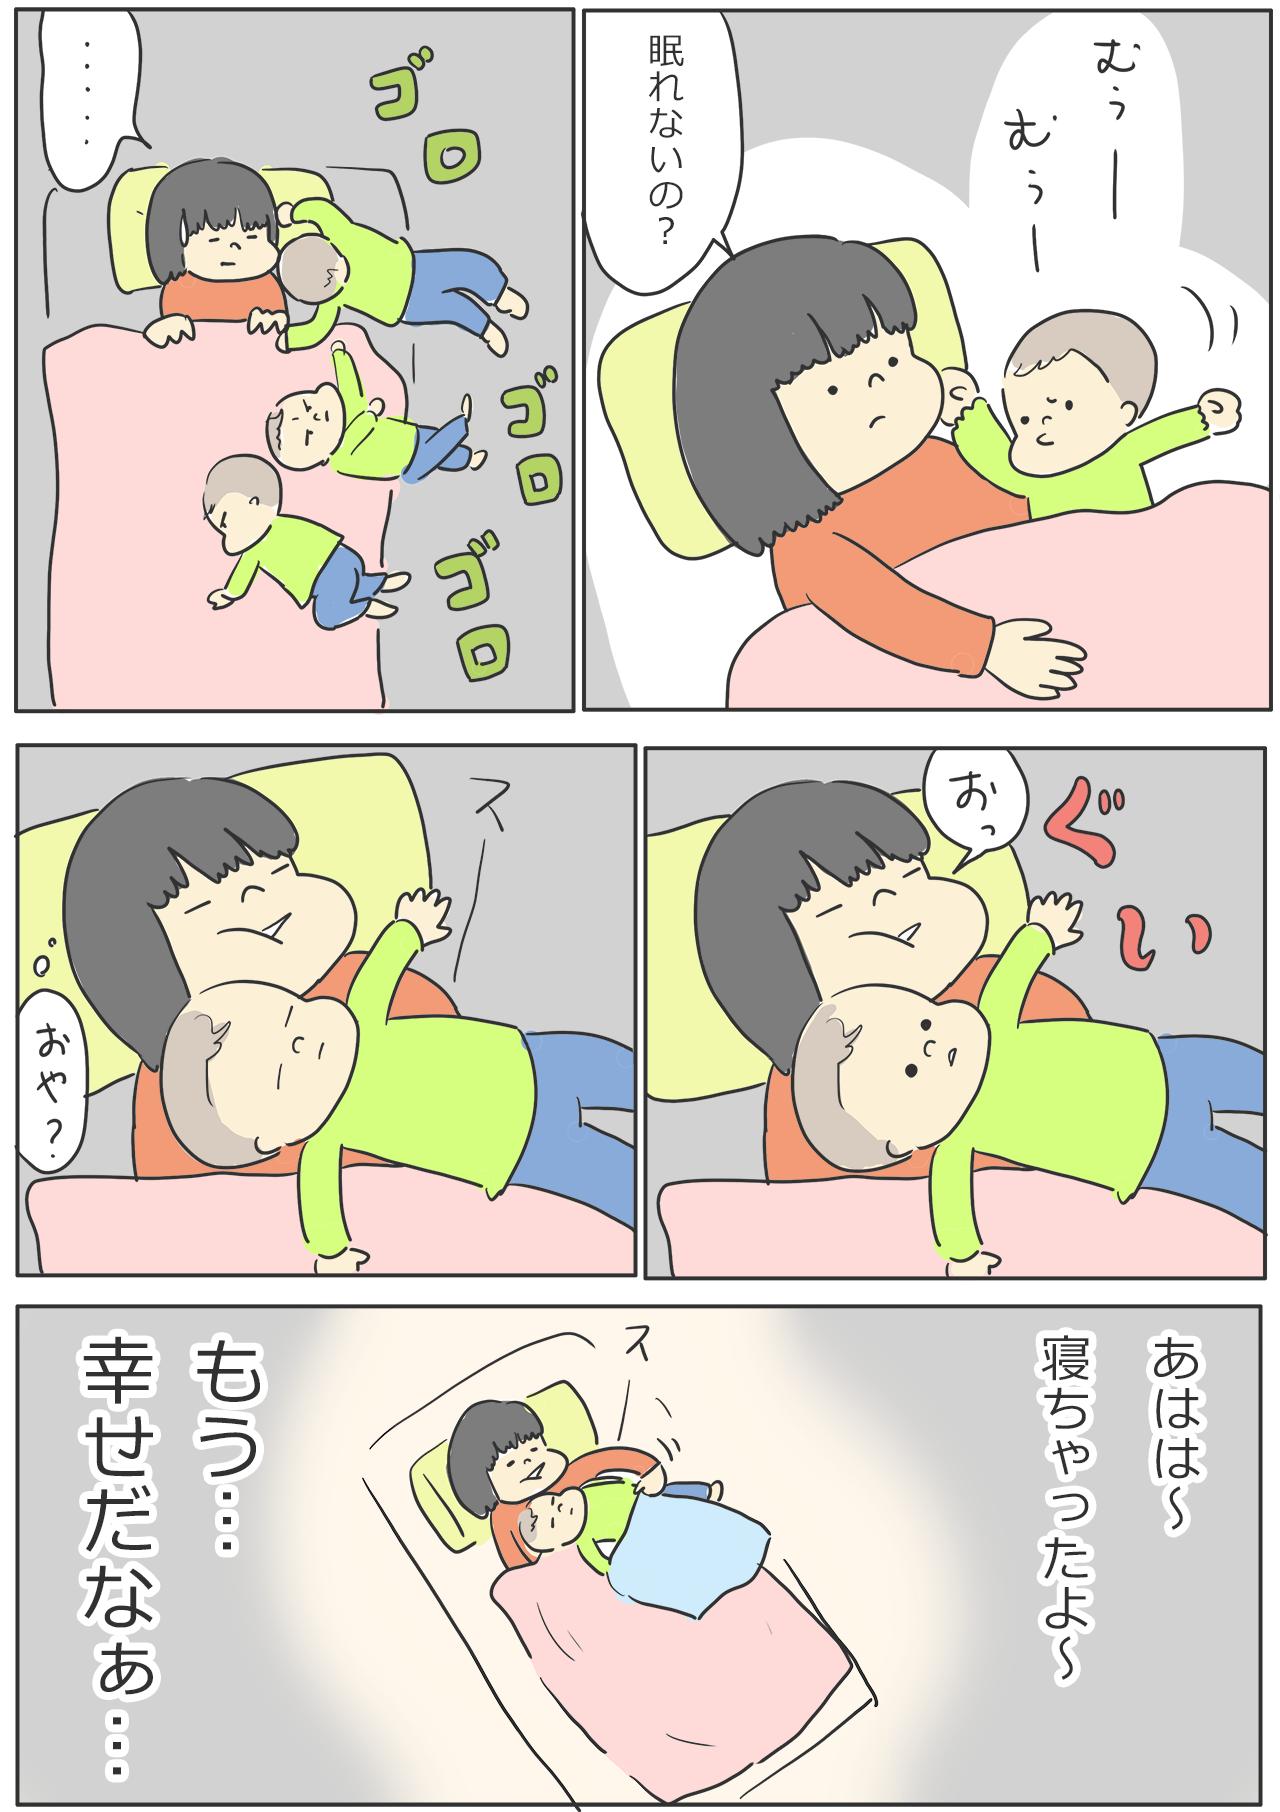 05ゴロゴロ寝